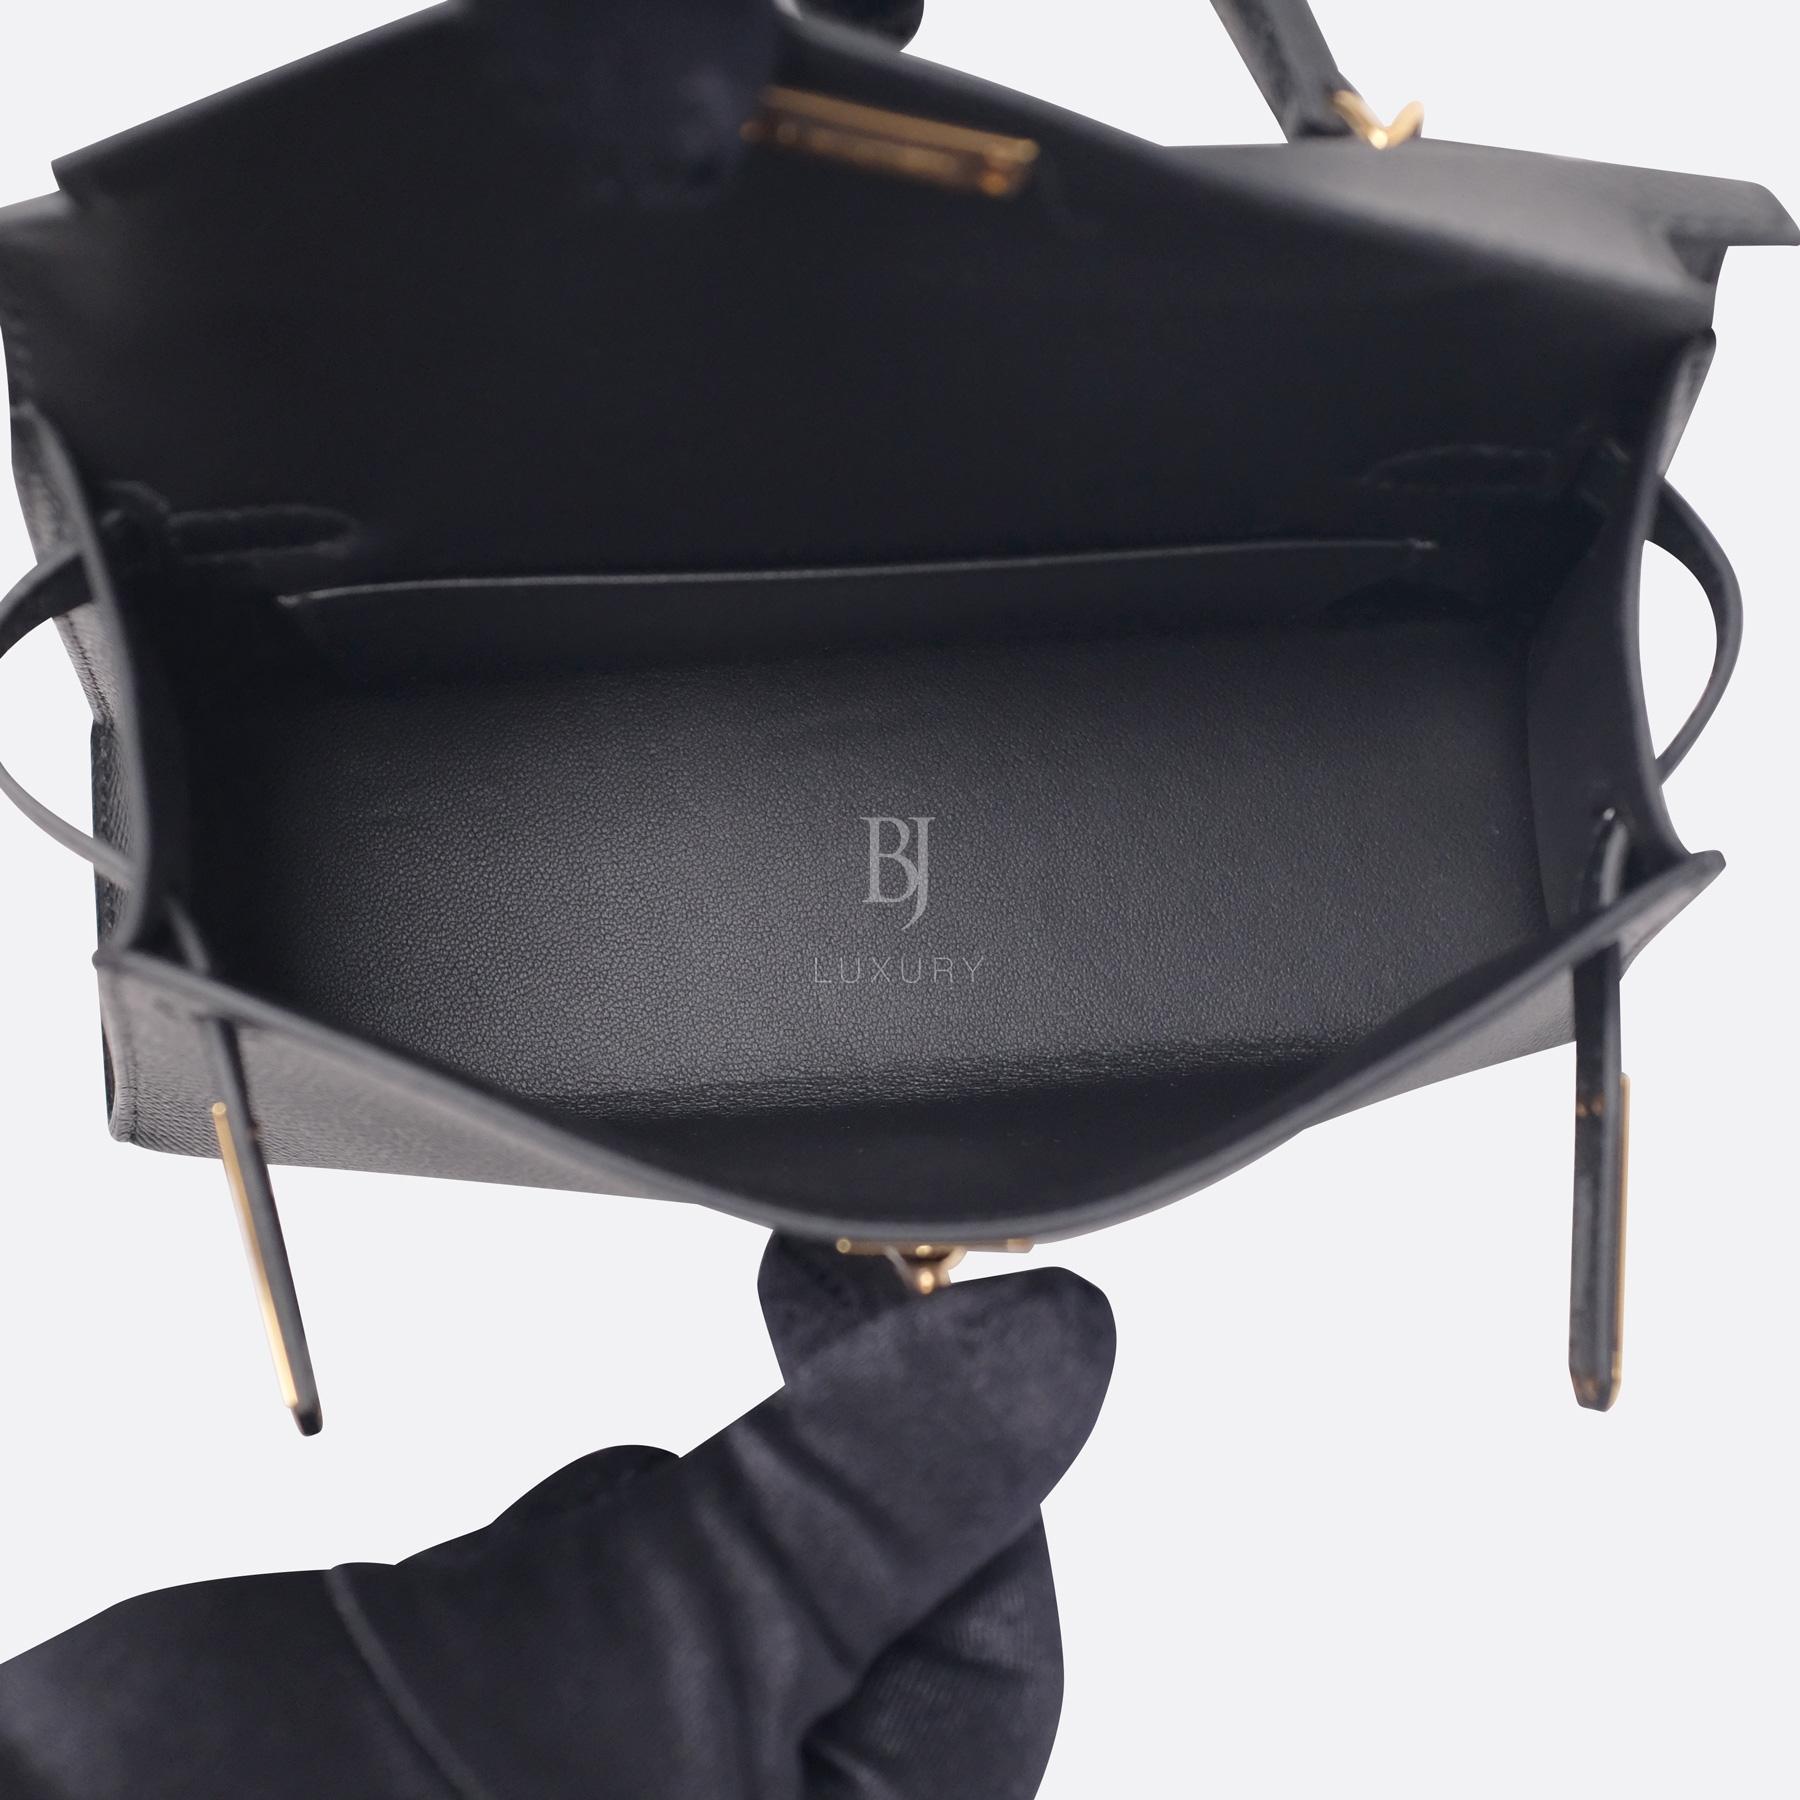 Hermes Kelly Sellier 20 Black Gold Hardware Epsom 19 BJ Luxury.jpg